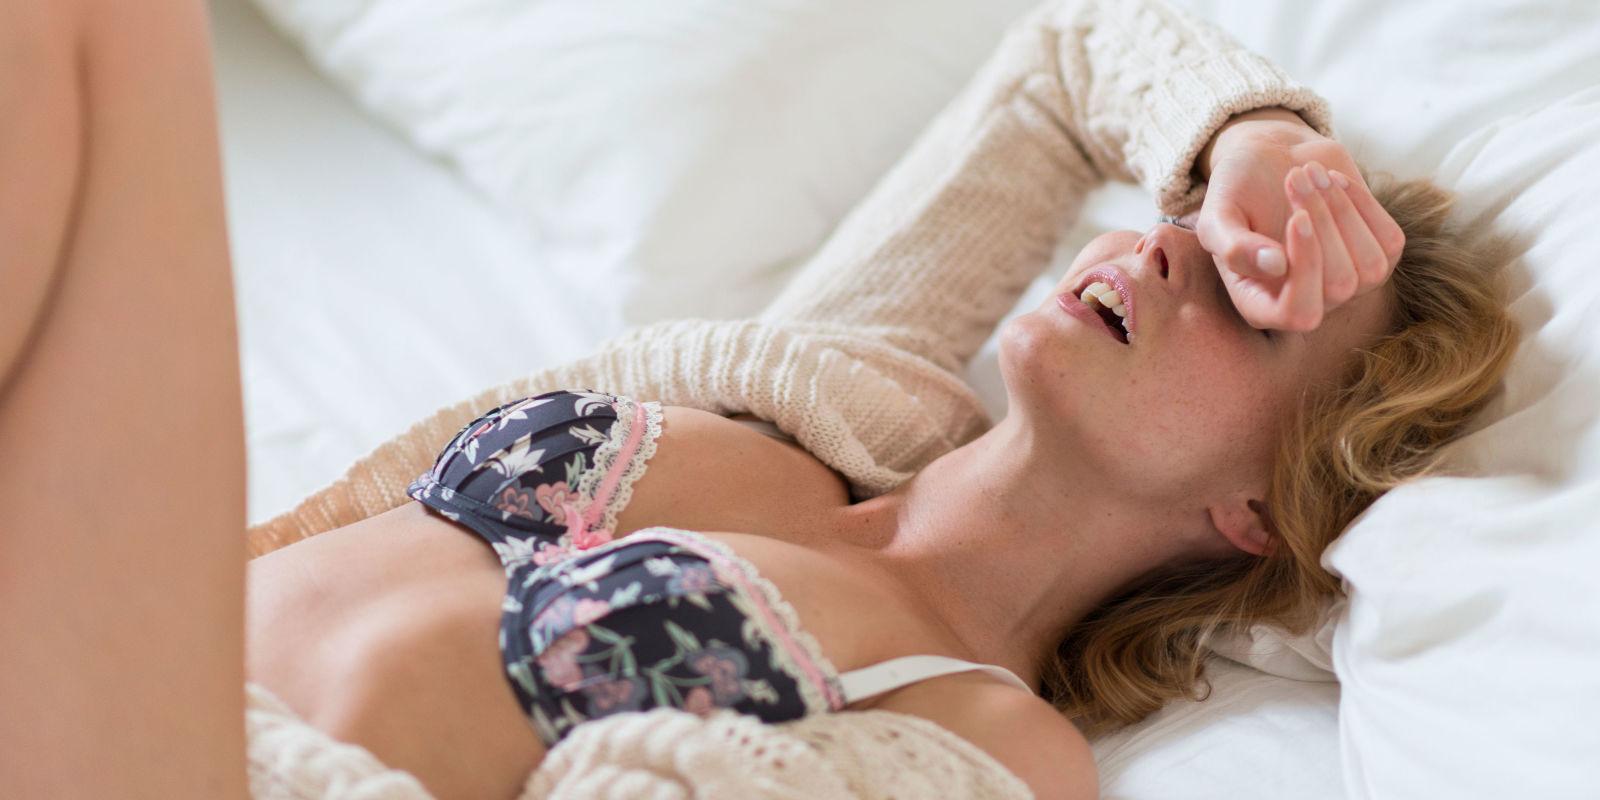 Порно оргазм испанских девушек как они кончают 117